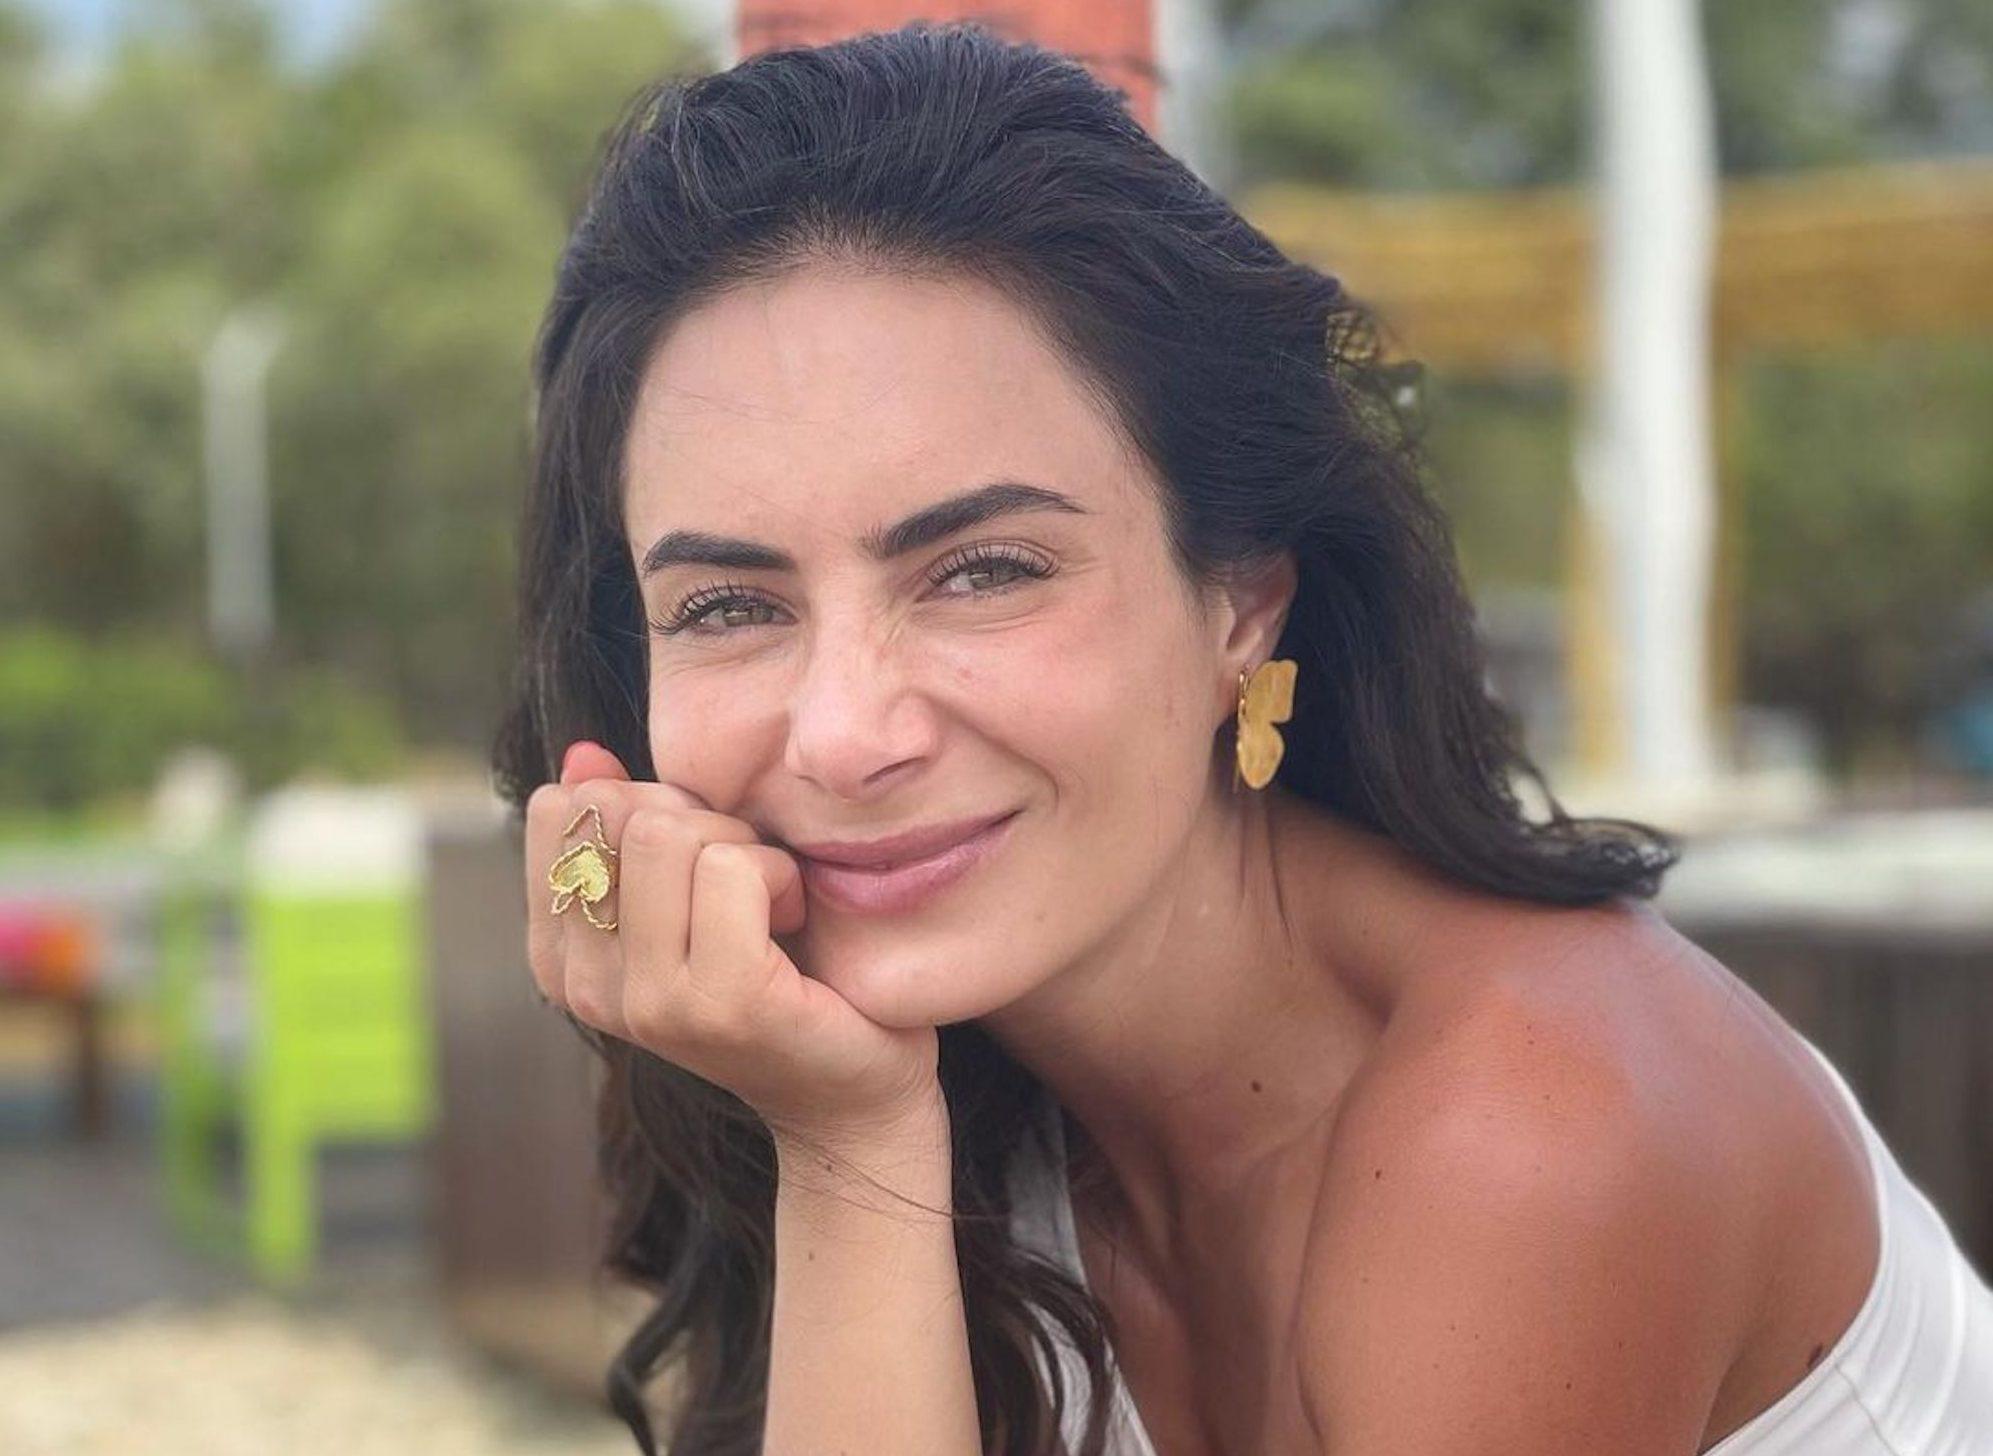 Johanna Fadul publica video de su nuevo cambio de look